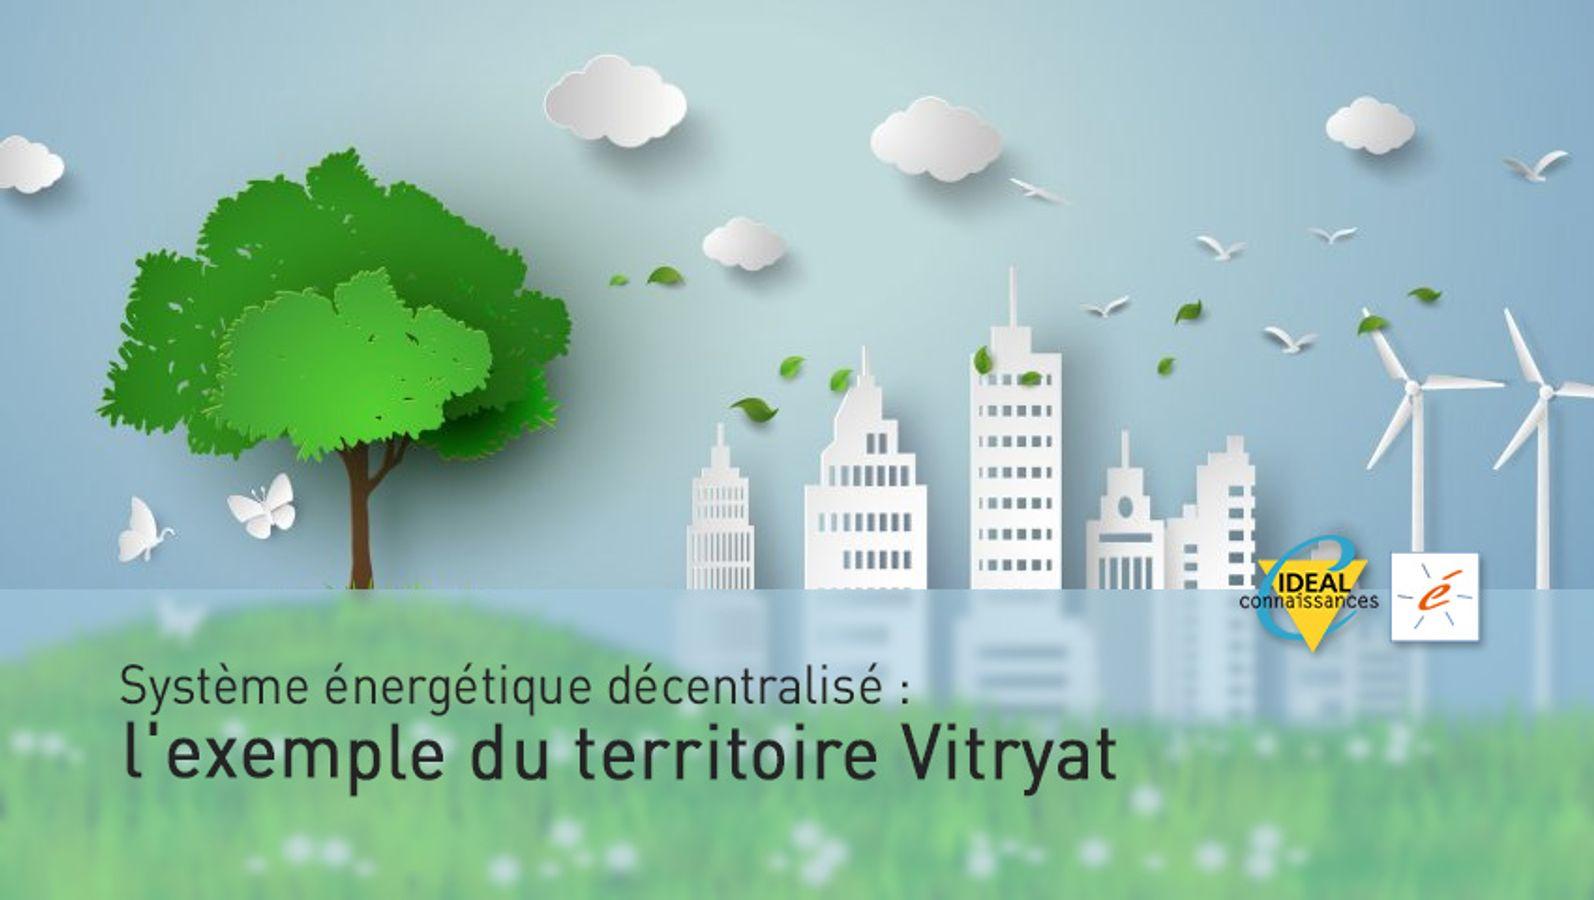 Système énergétique décentralisé : l'exemple du territoire Vitryat